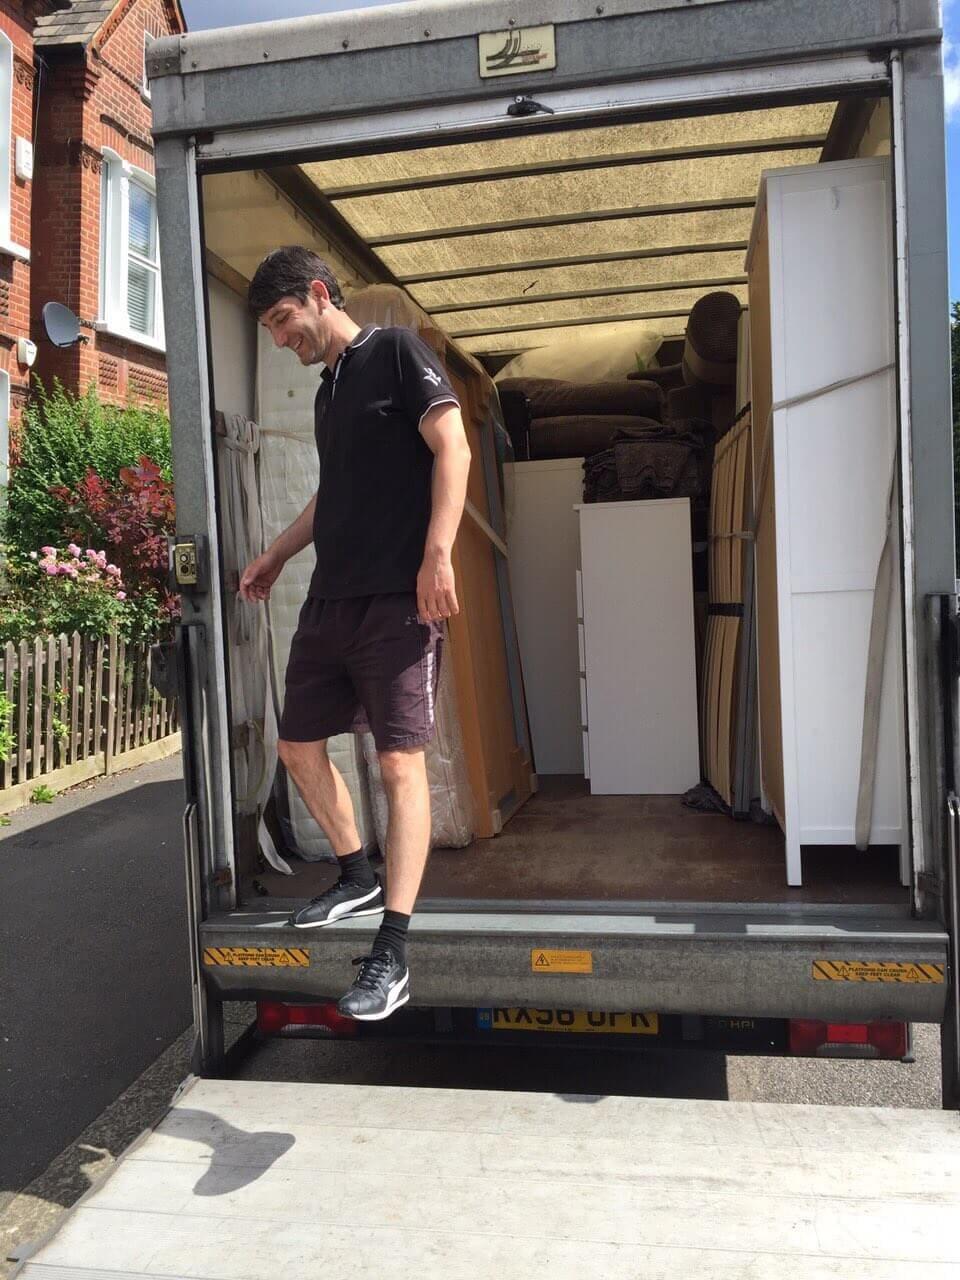 E5 van for hire in Hackney